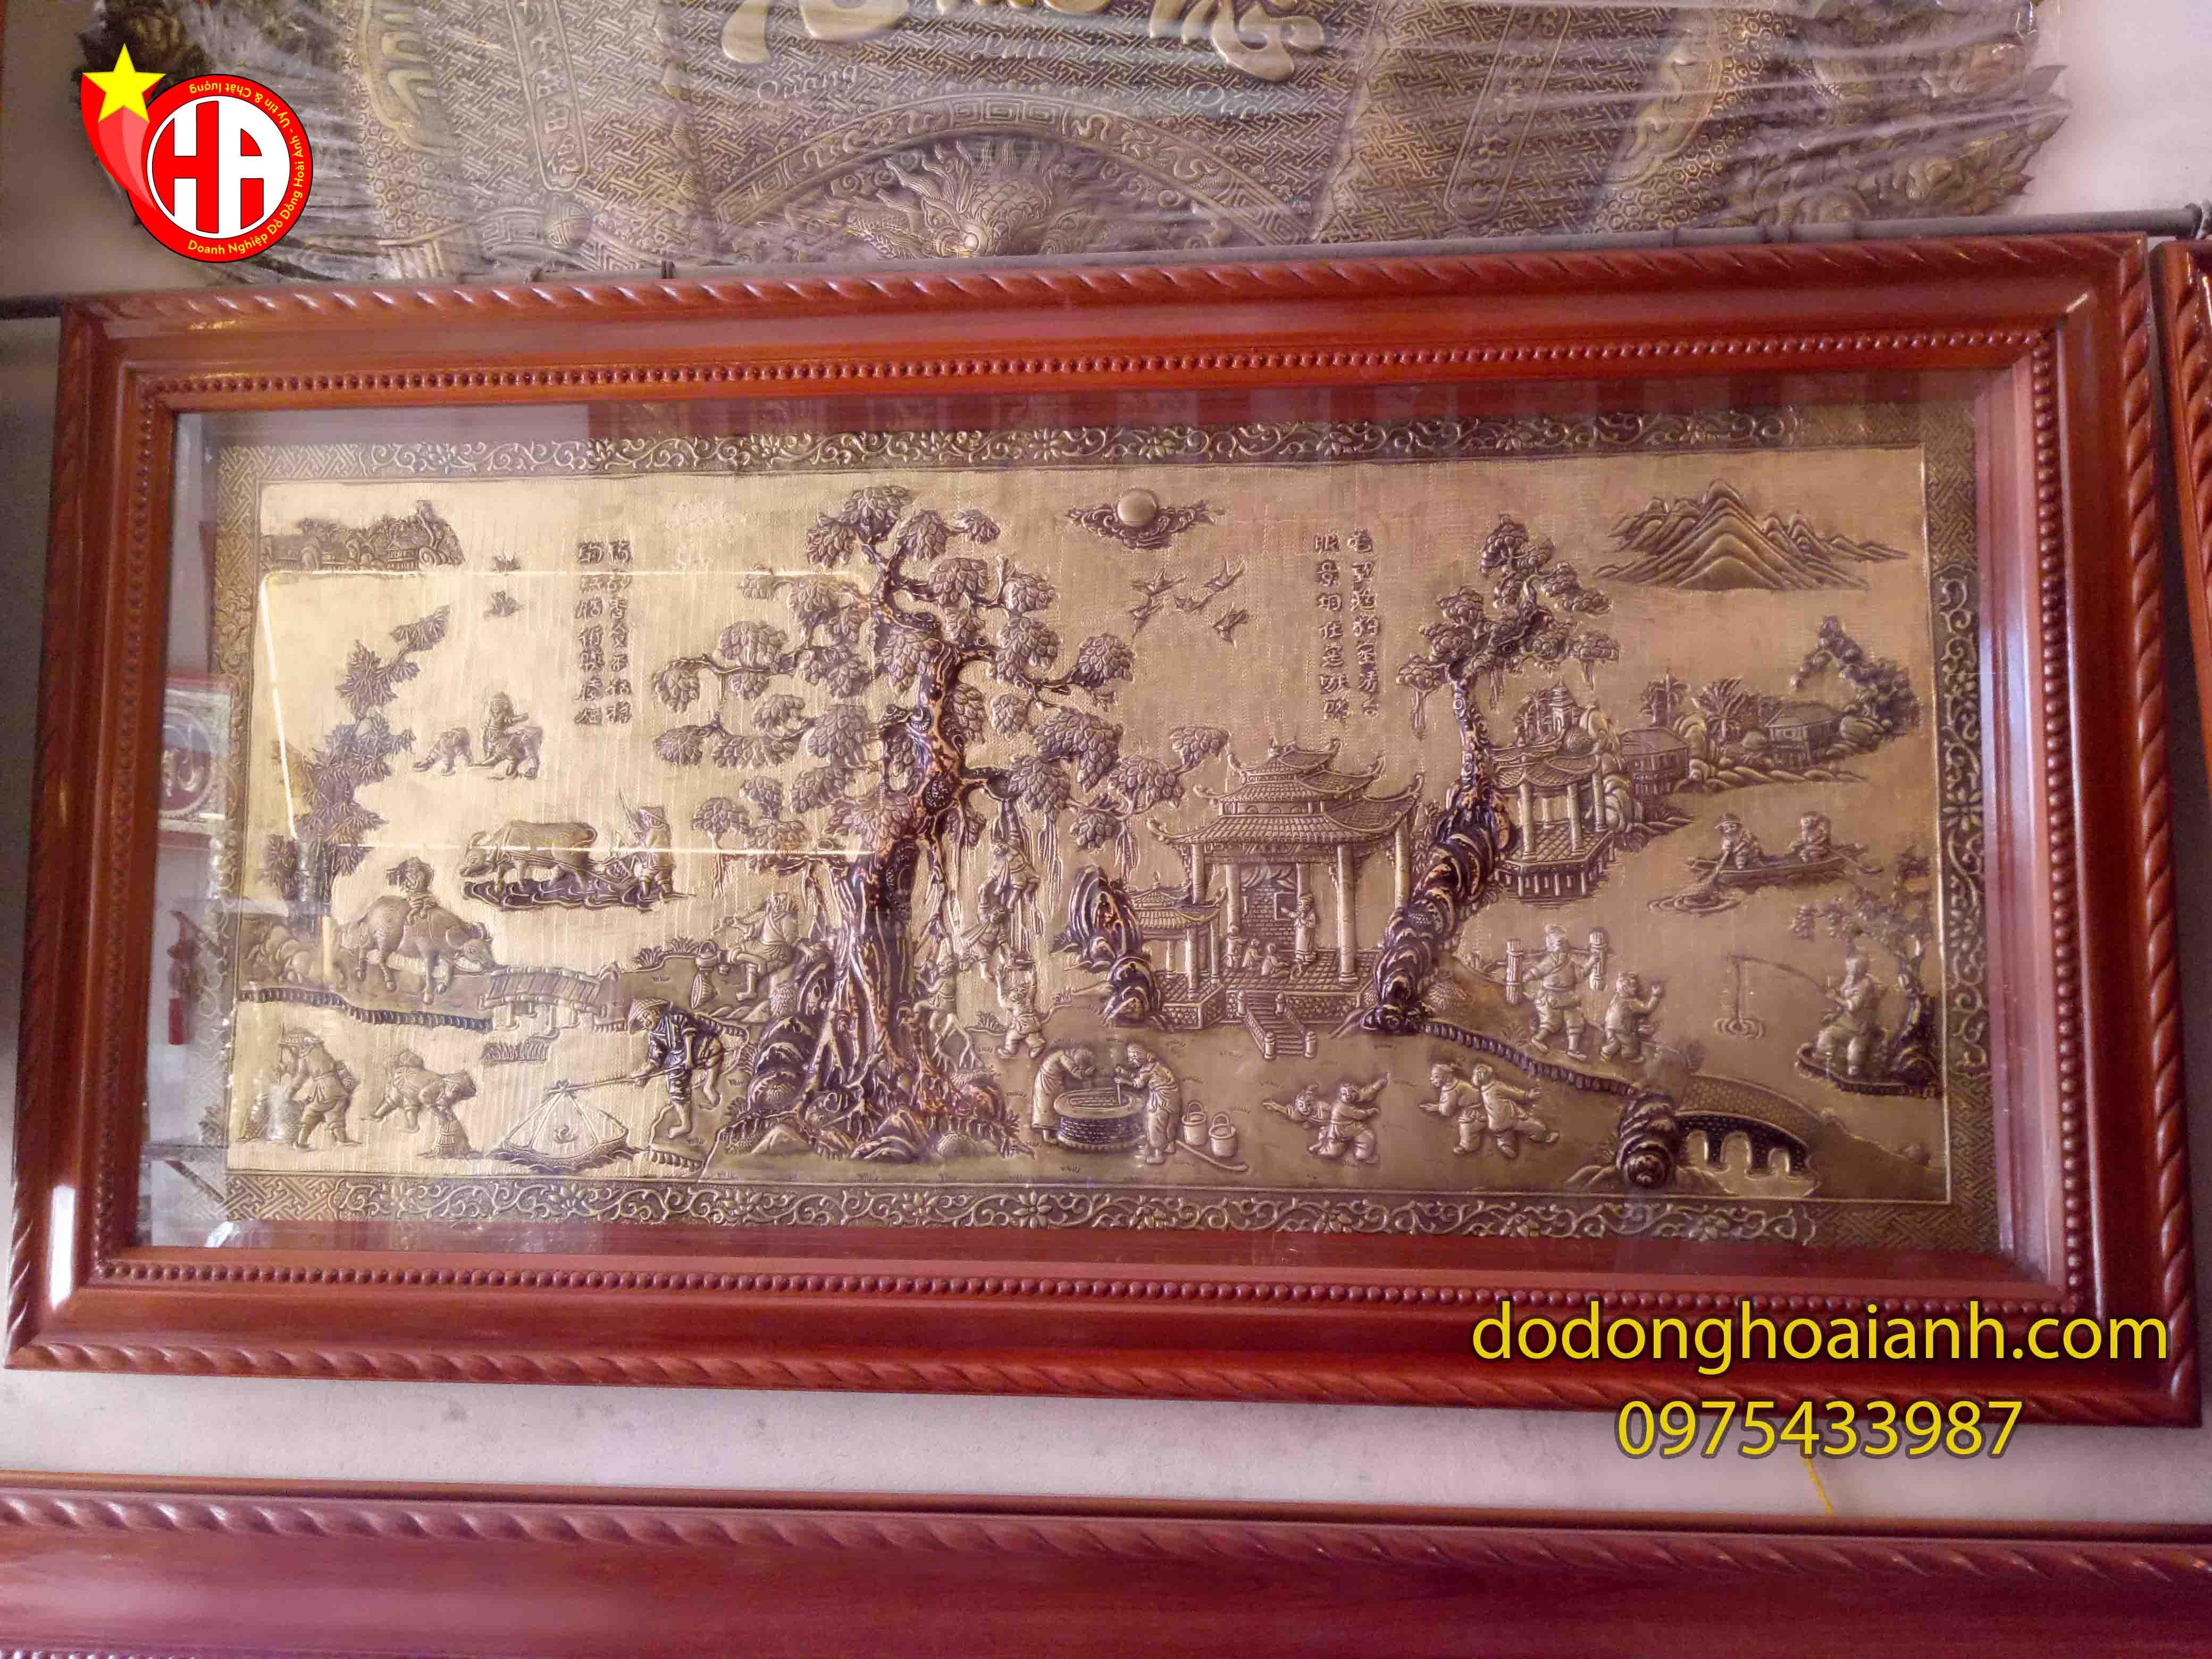 Tranh đồng đồng quê Việt Nam - đồ đồng Hoài Ánh